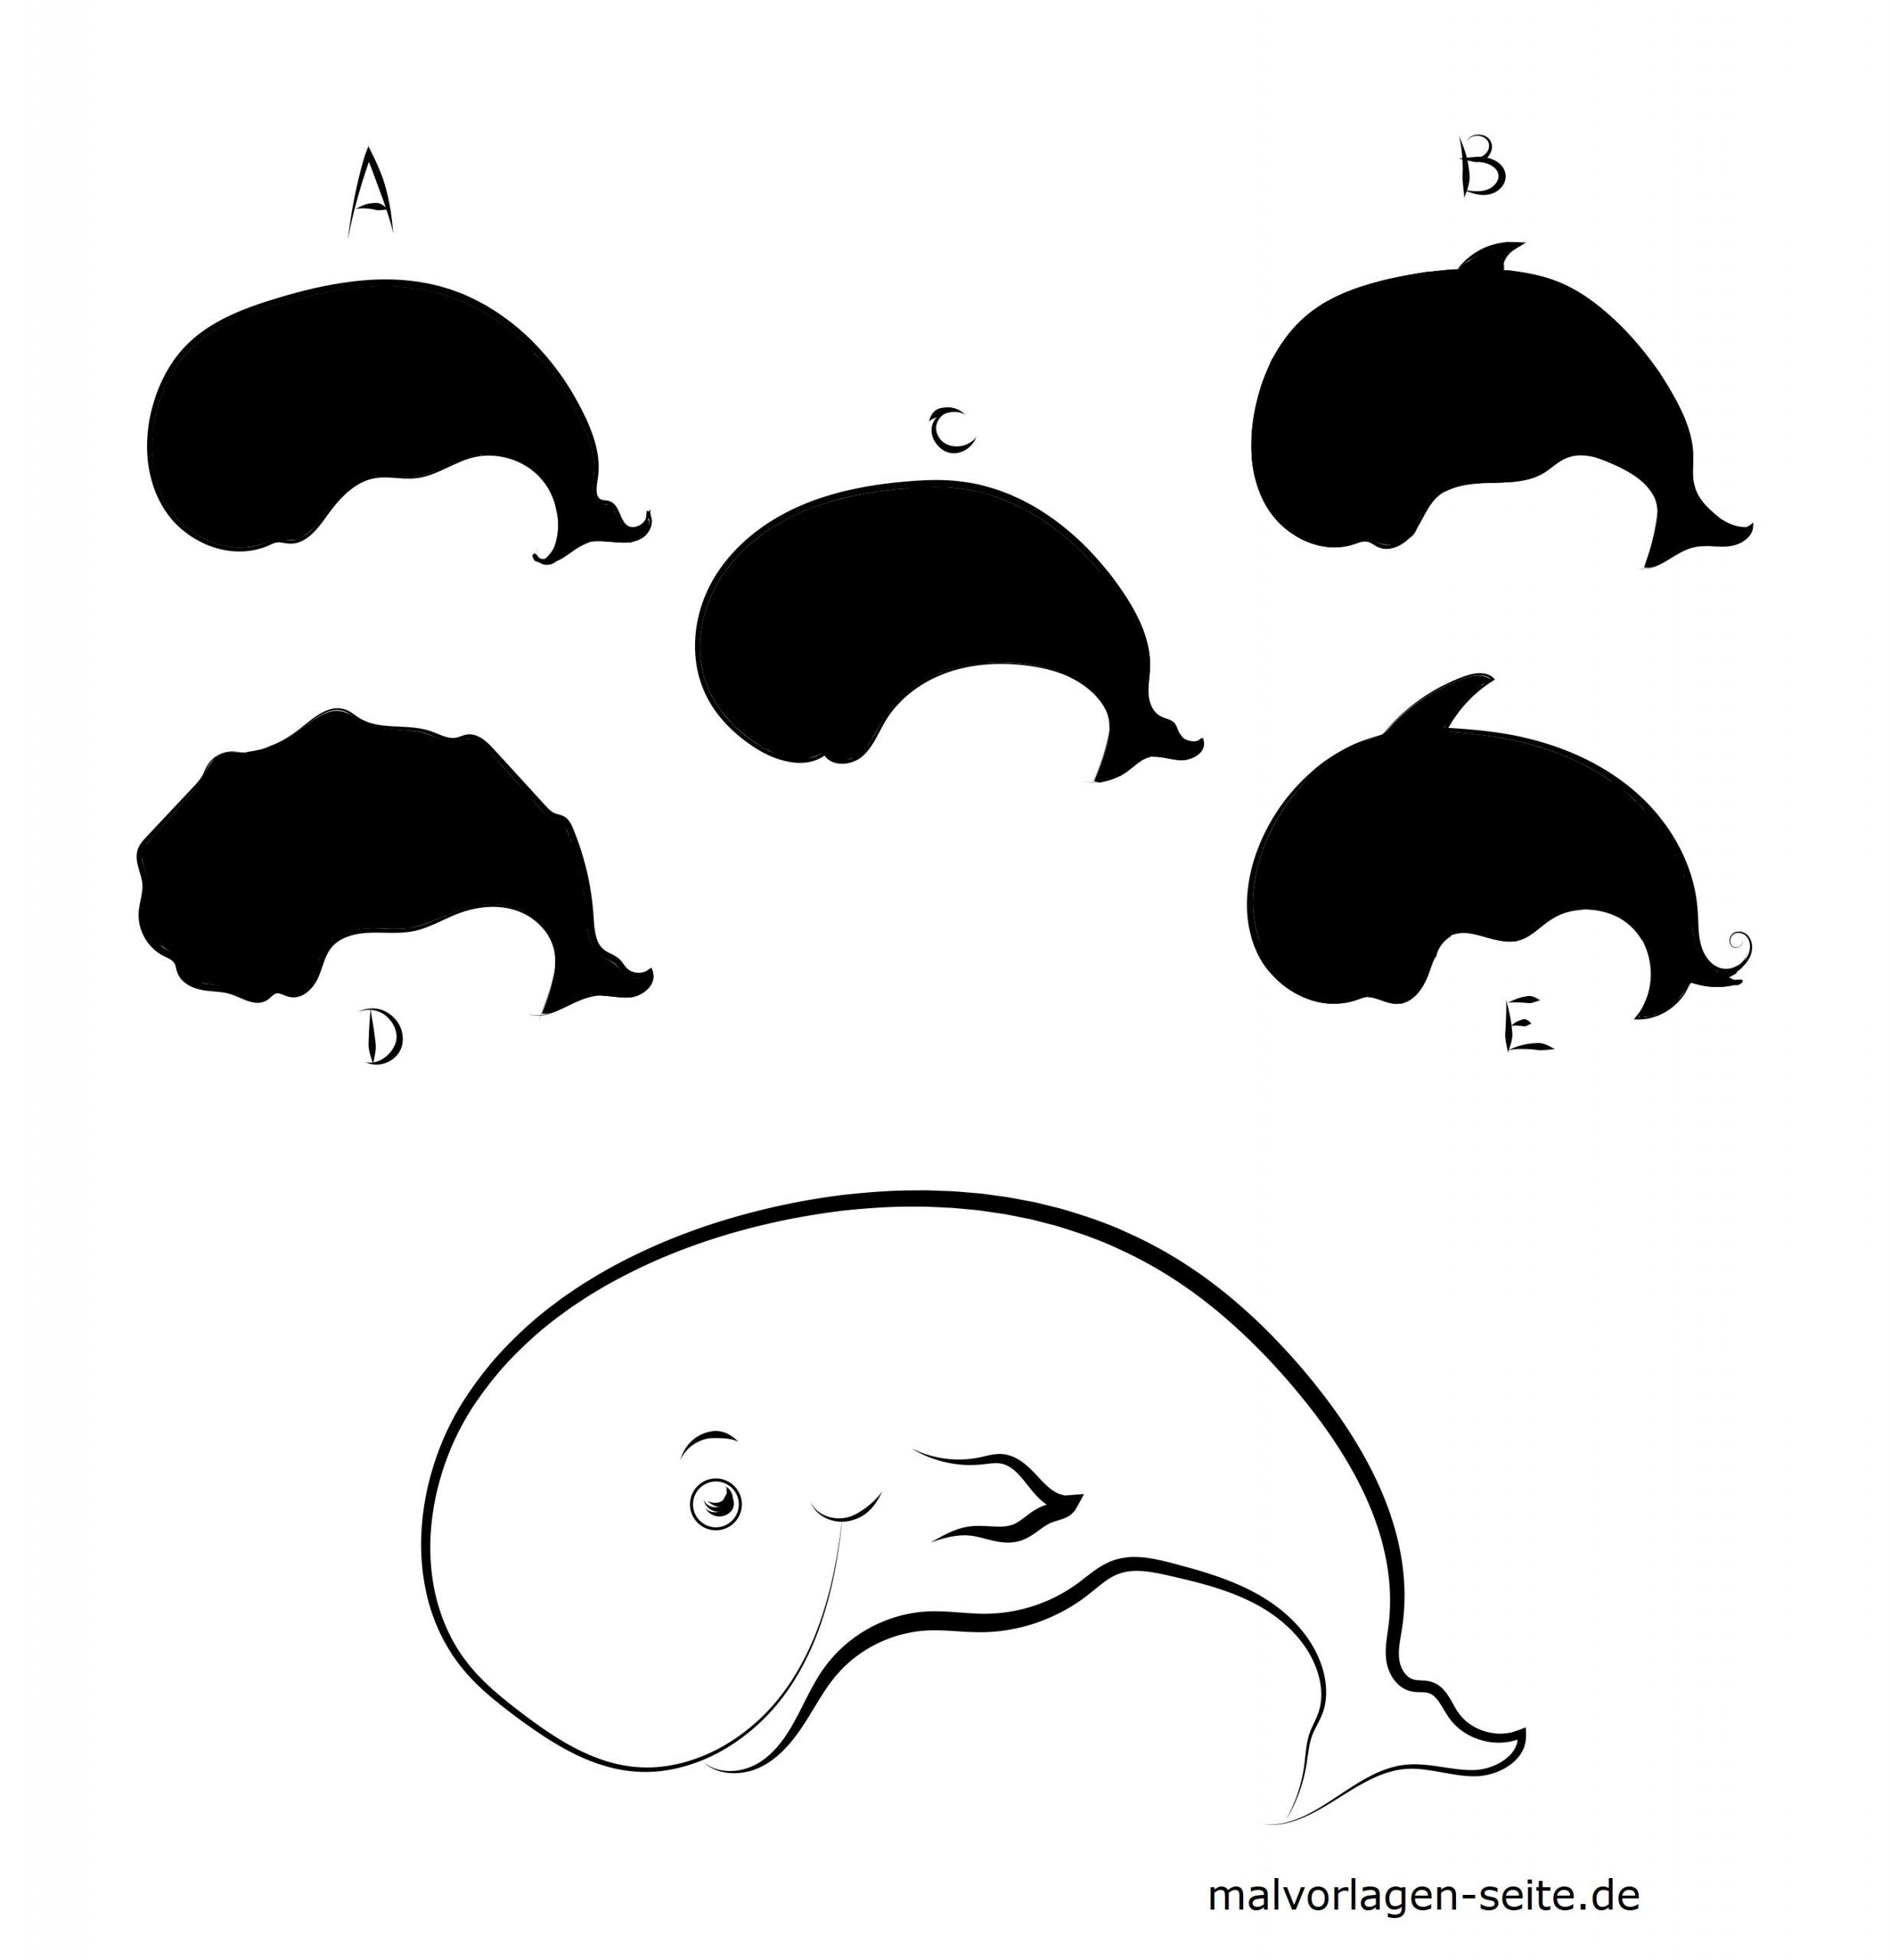 Schattenrätsel Tiere - Wal Rätsel - Ausmalbilder Kostenlos verwandt mit Rätsel Für Kindergartenkinder Tiere